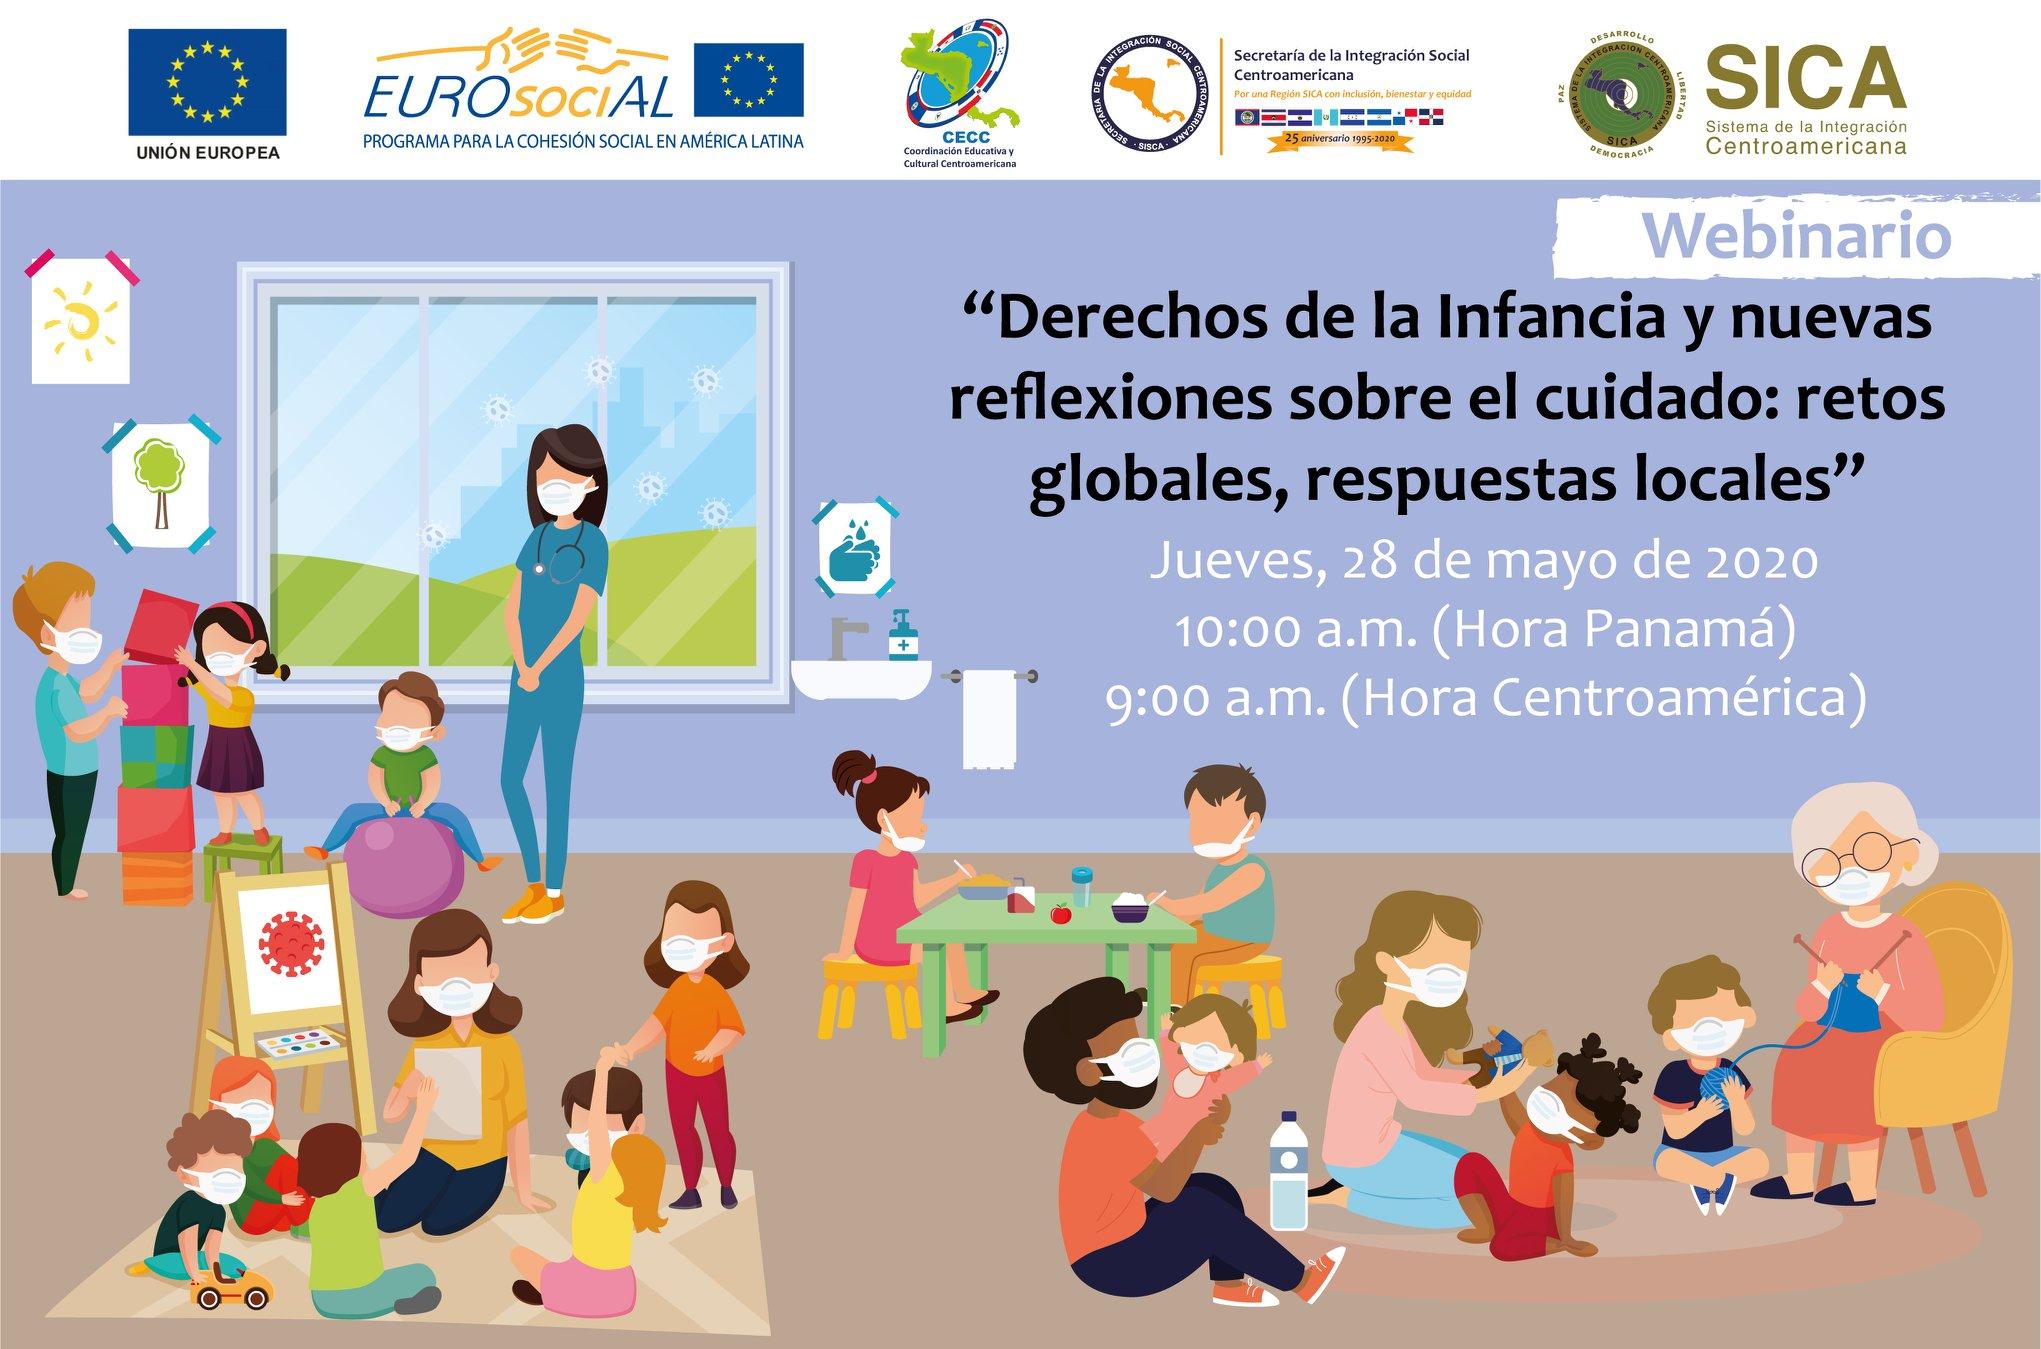 Derechos de la infancia y nuevas reflexiones sobre el cuidado: retos globales, respuestas locales